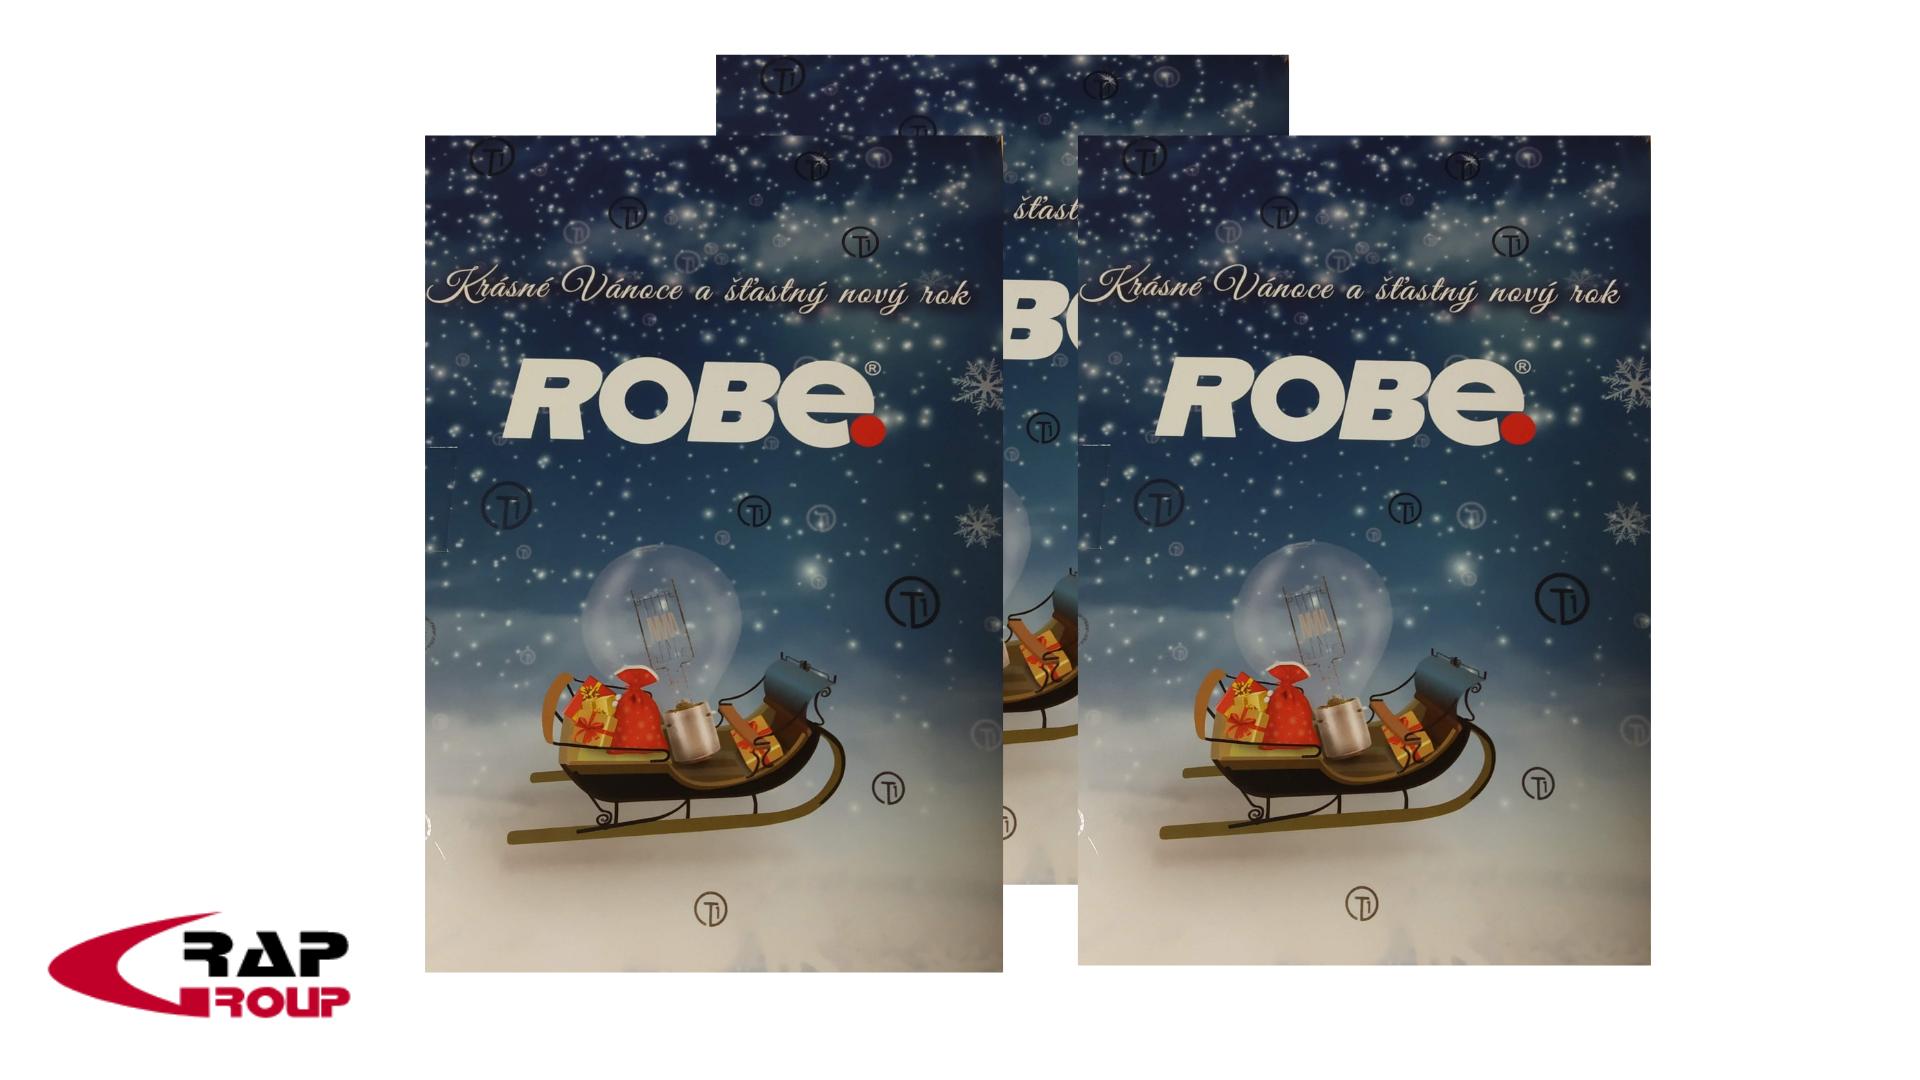 Interaktivní přání PF 2019 pro firmu ROBE lighting